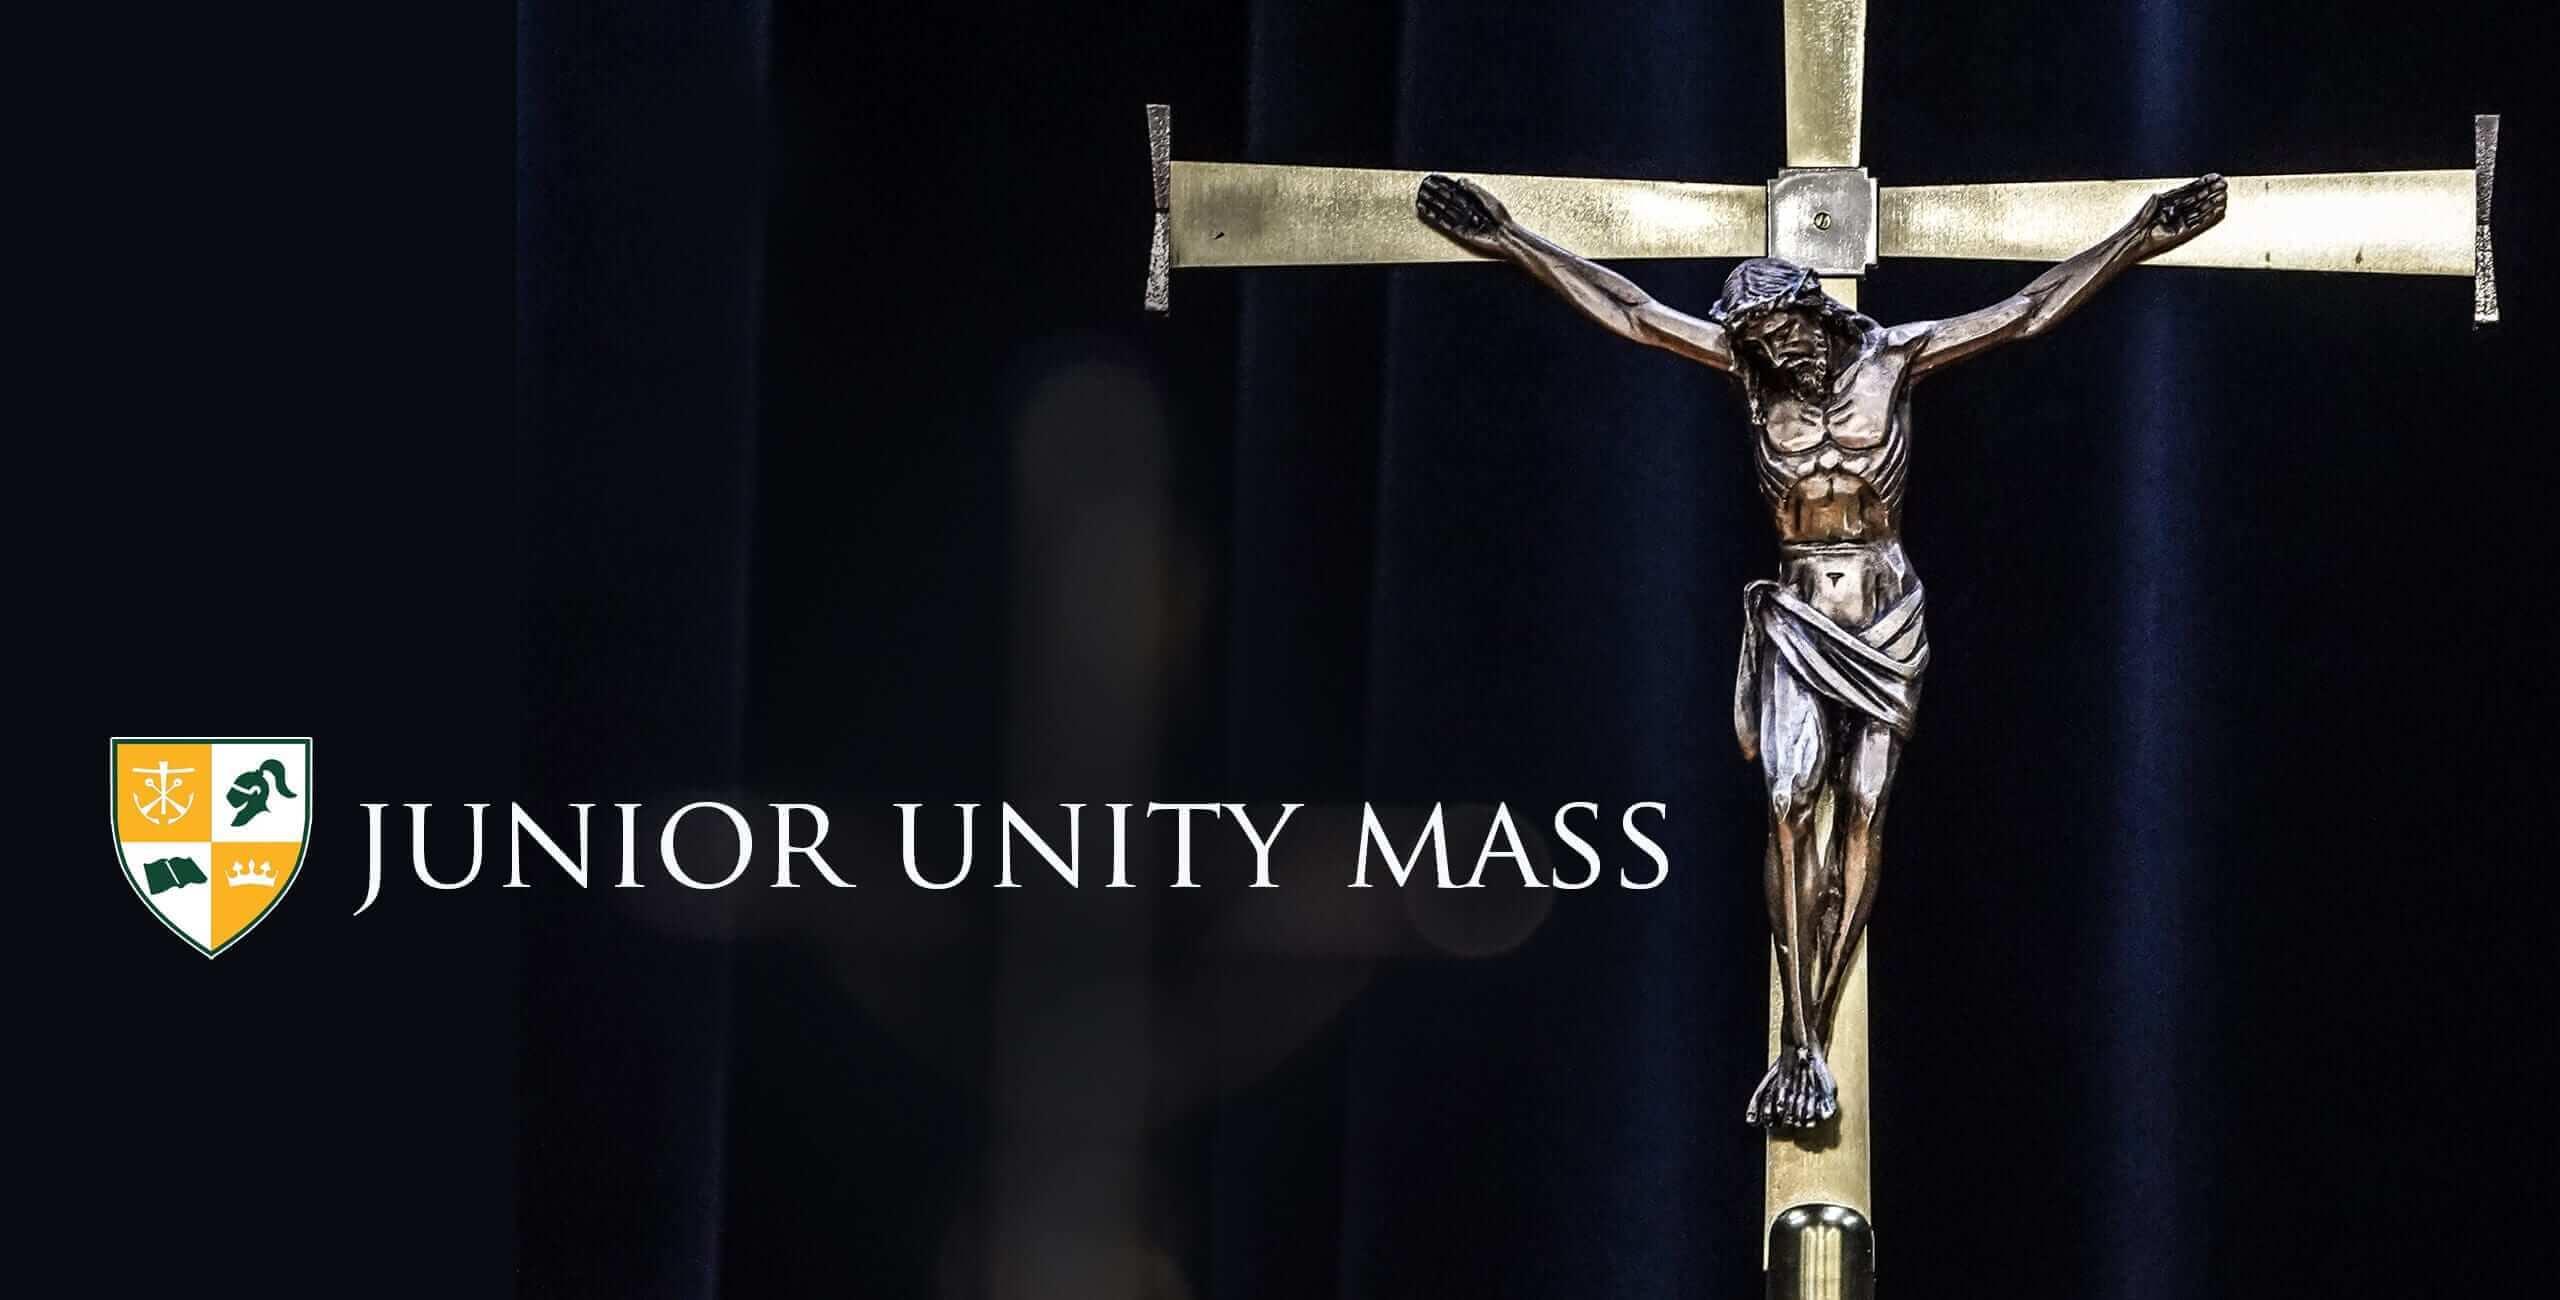 Junior Unity Mass Slider